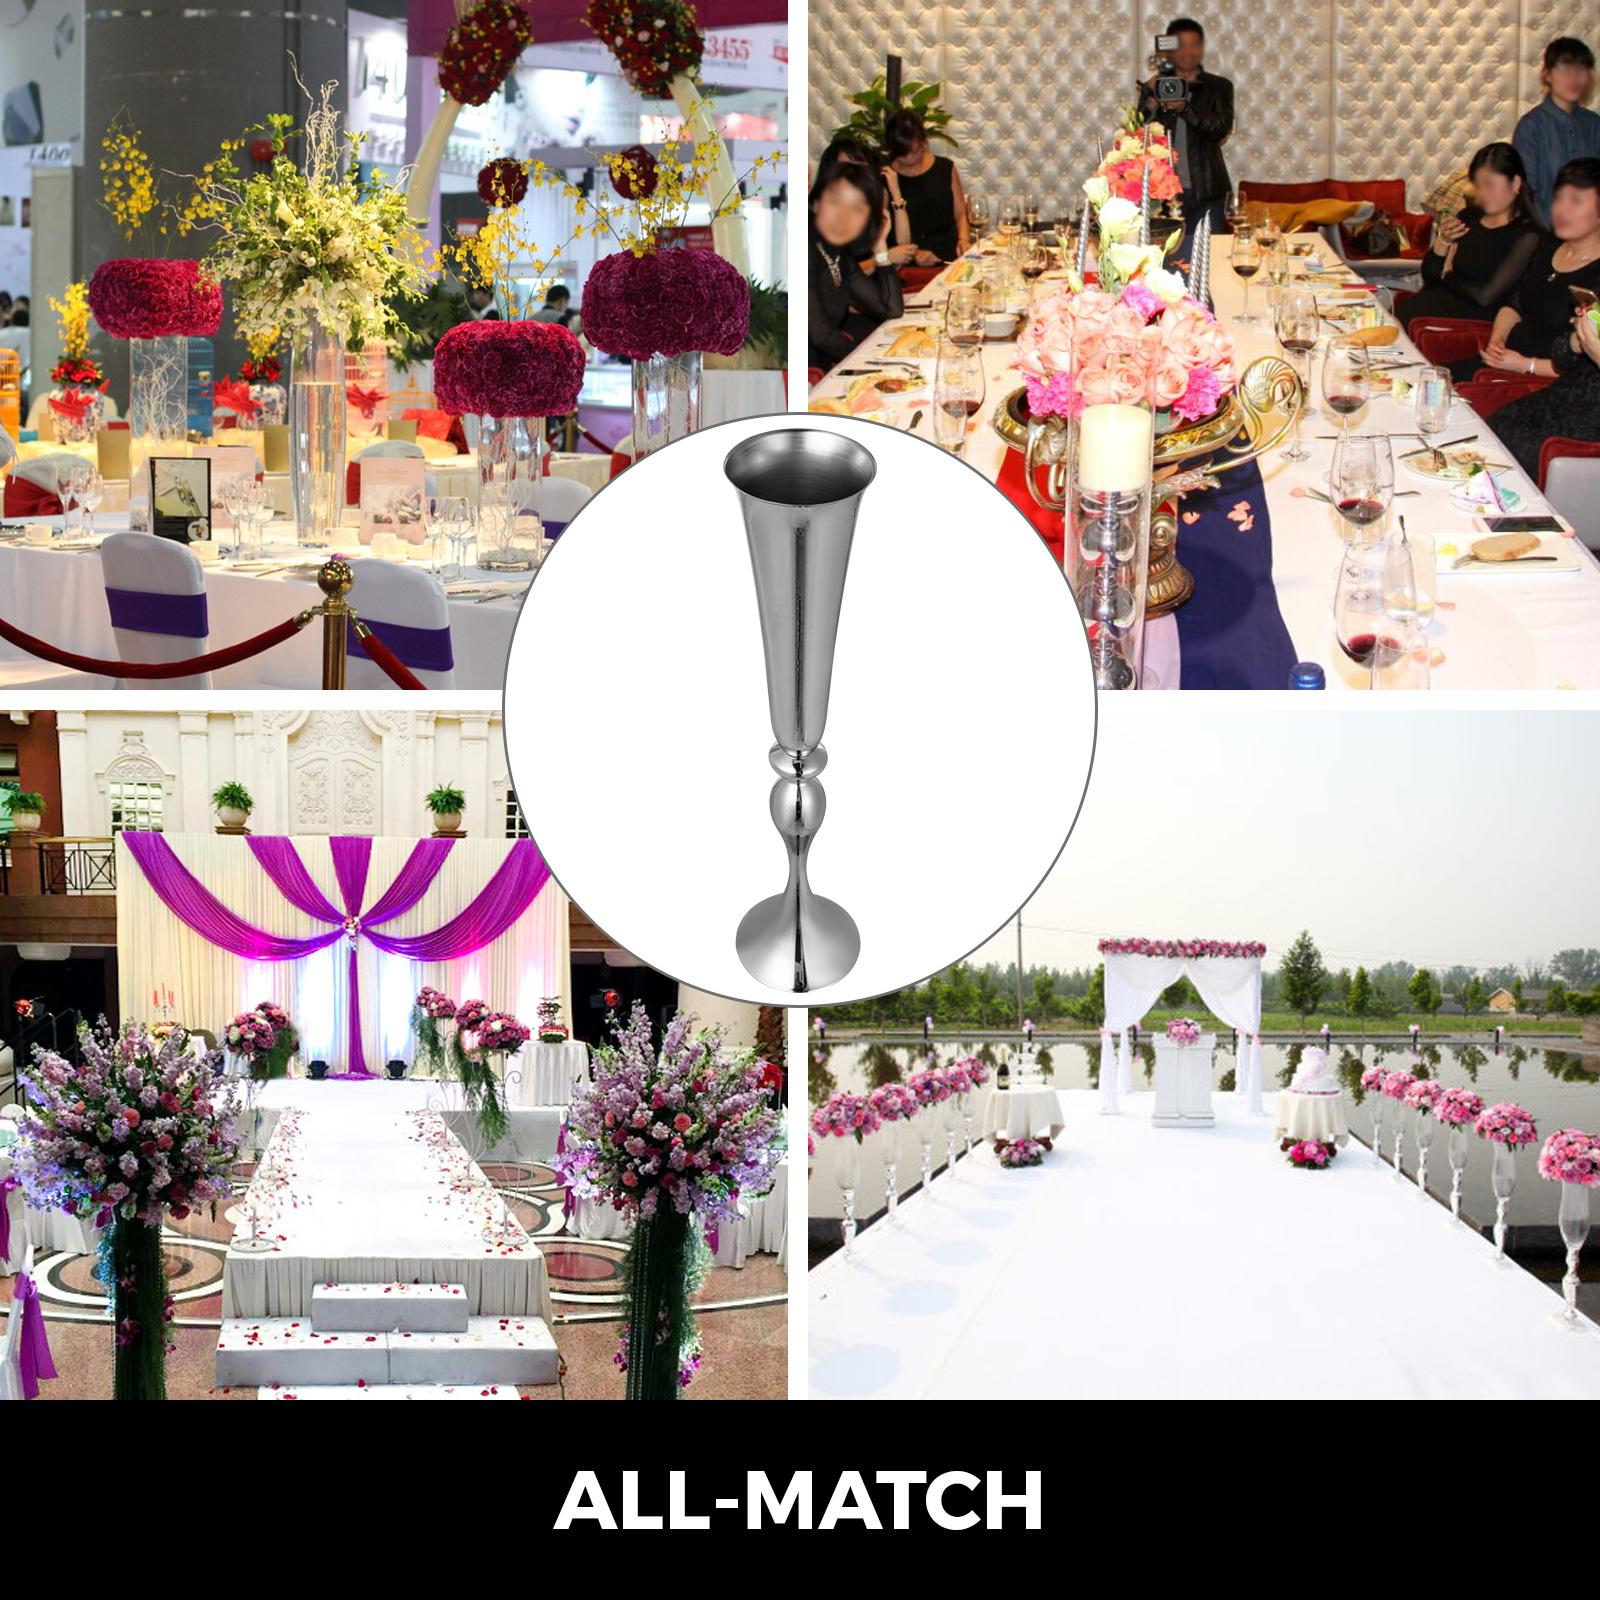 Trumpet-Vase-Flower-Vases-Centerpiece-29-5-034-22-034-for-Party-Celebration-Events thumbnail 67